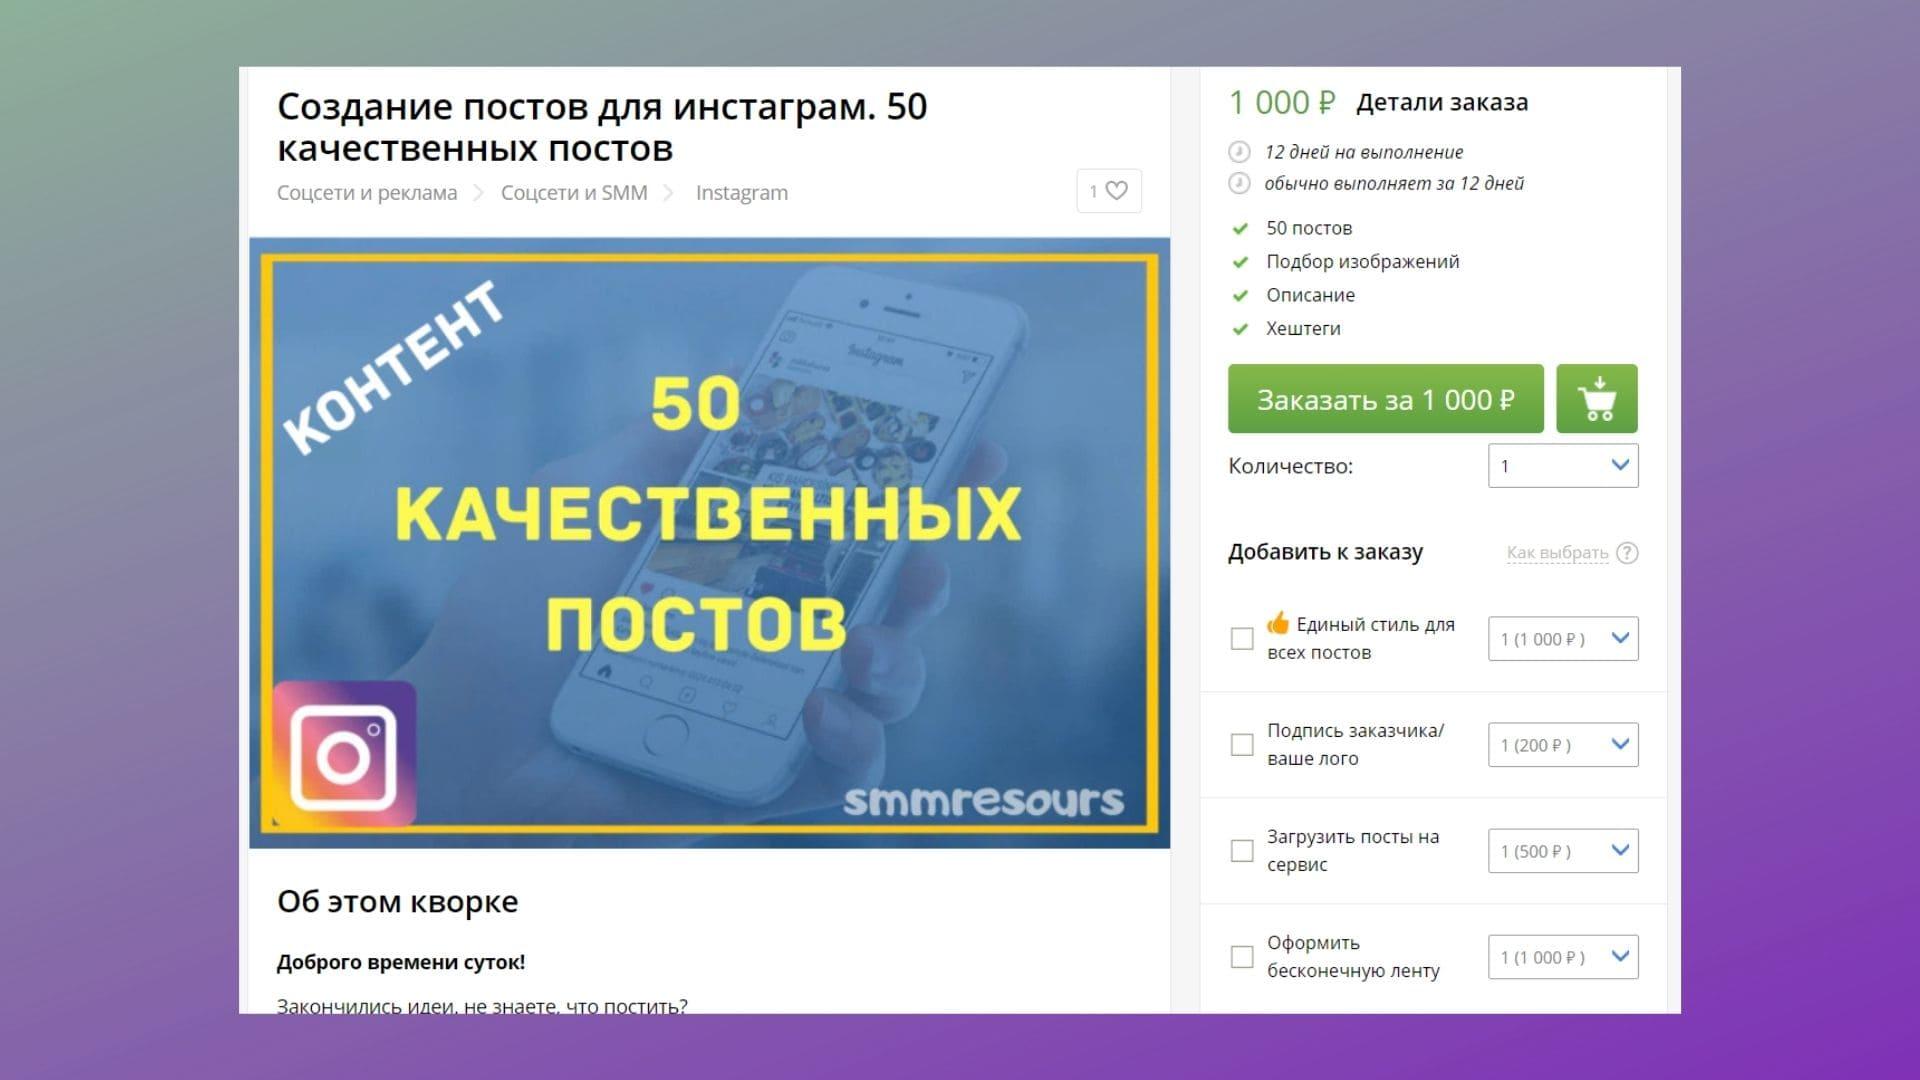 Вот, например, предлагают купить за 1 000 рублей 50 постов в Инстграм, написанные на основе статей в интернете